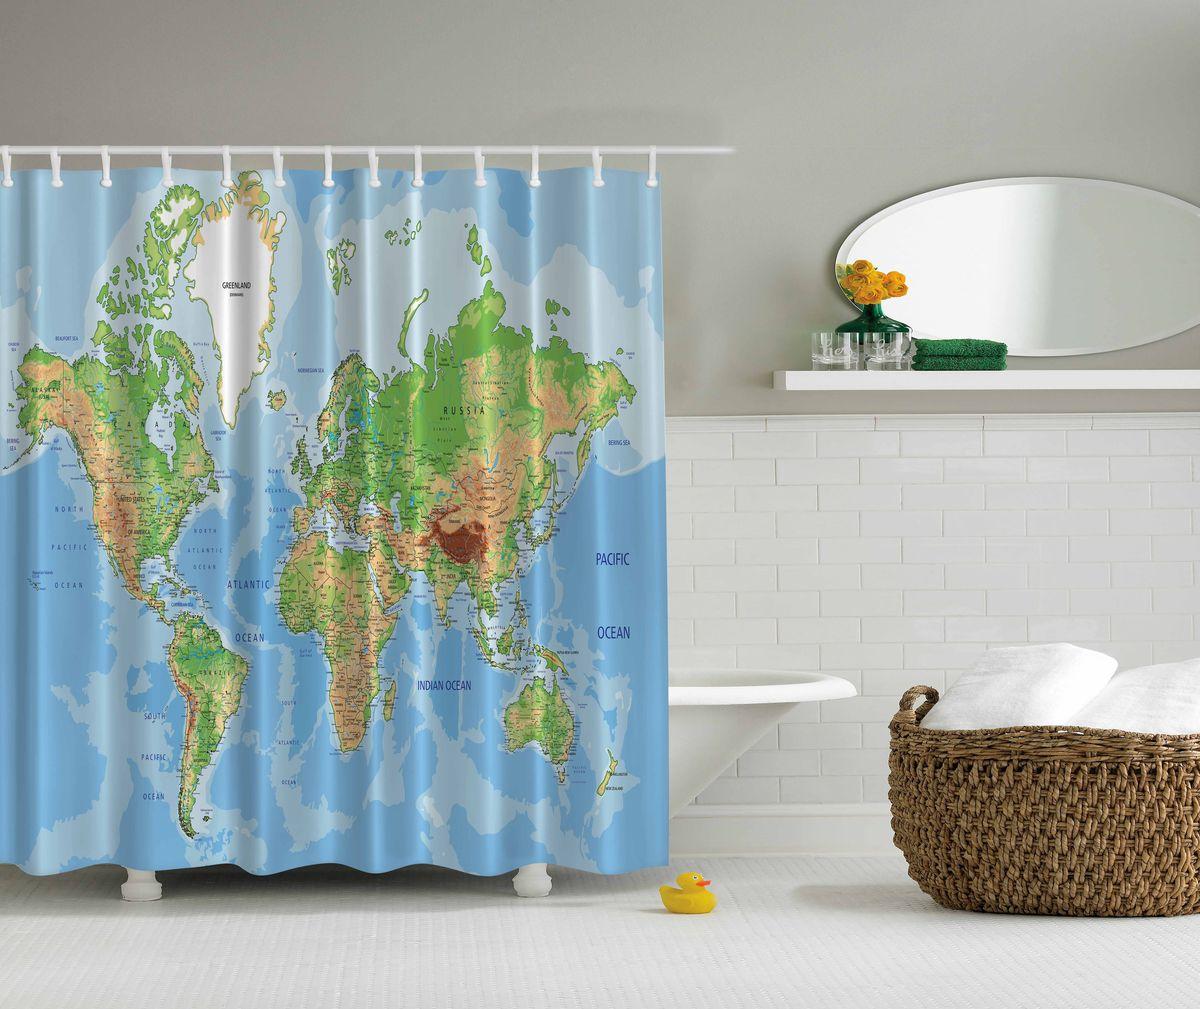 Штора для ванной комнаты Magic Lady Карта мира, 180 х 200 см. шв_4494 фотоштора для ванной утка принимает душ magic lady 180 х 200 см